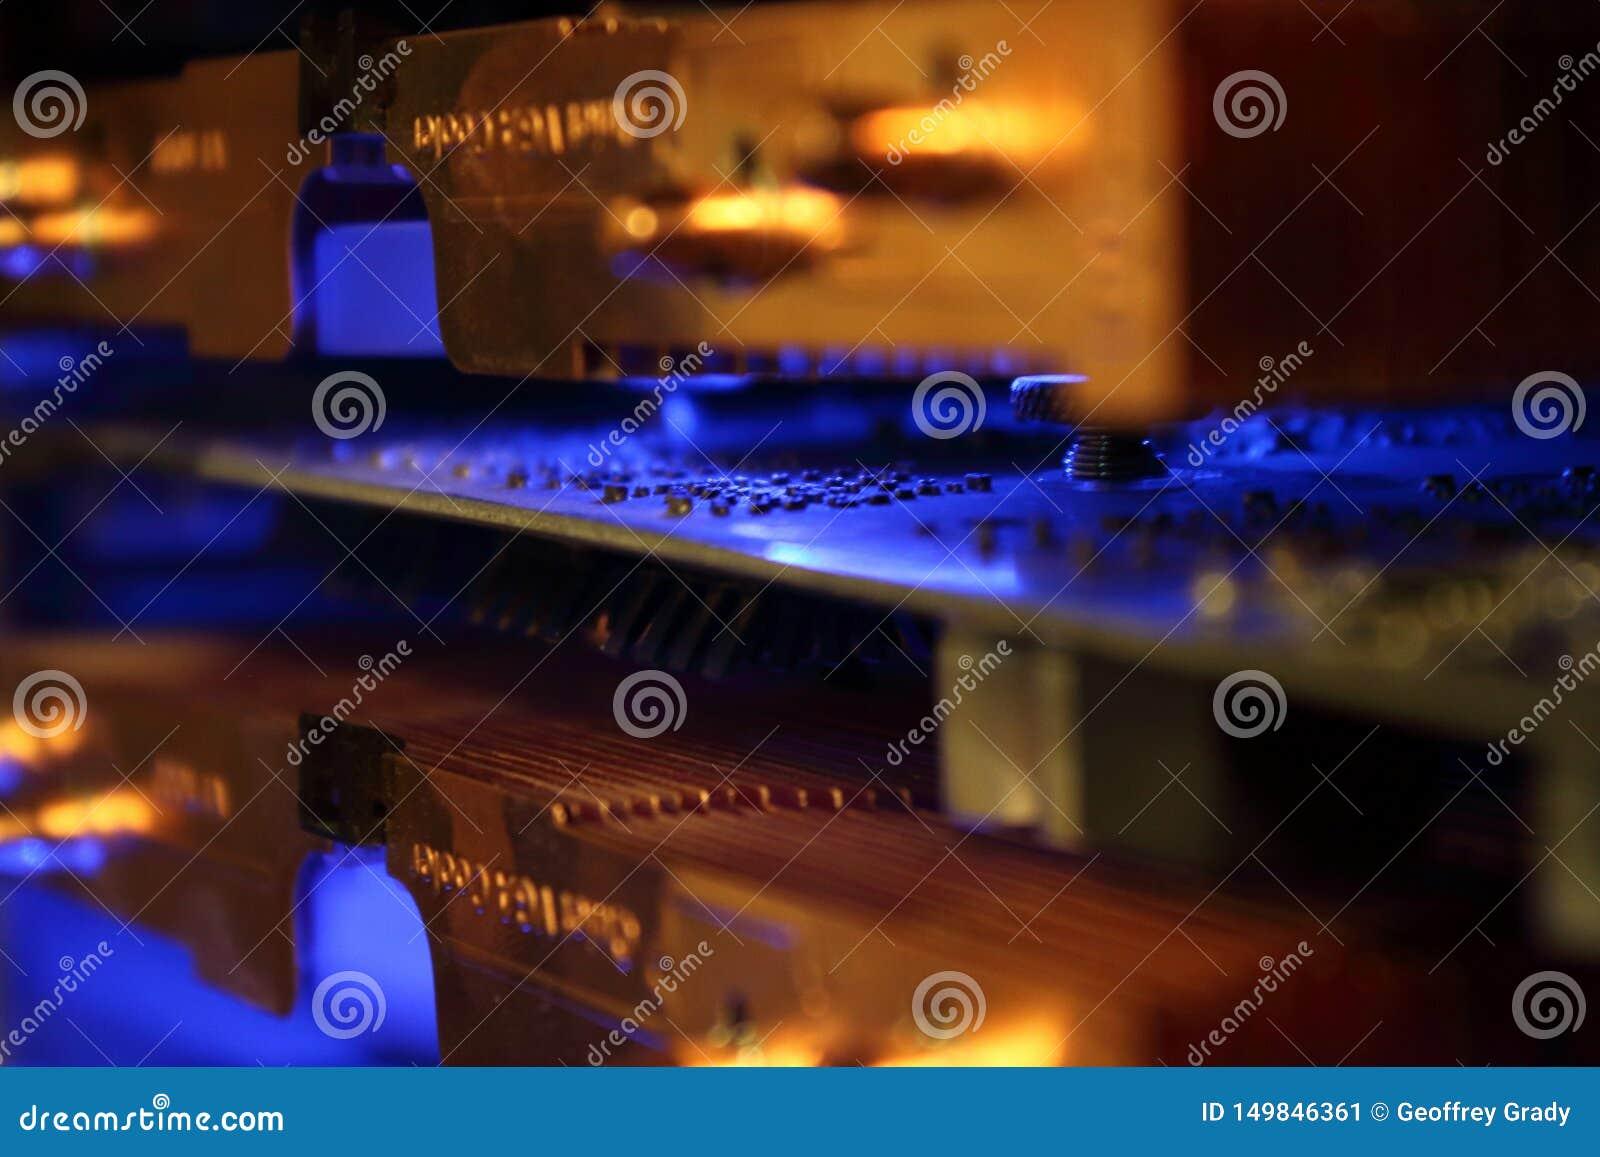 Primo piano astratto del dispositivo di raffreddamento della carta grafica del computer